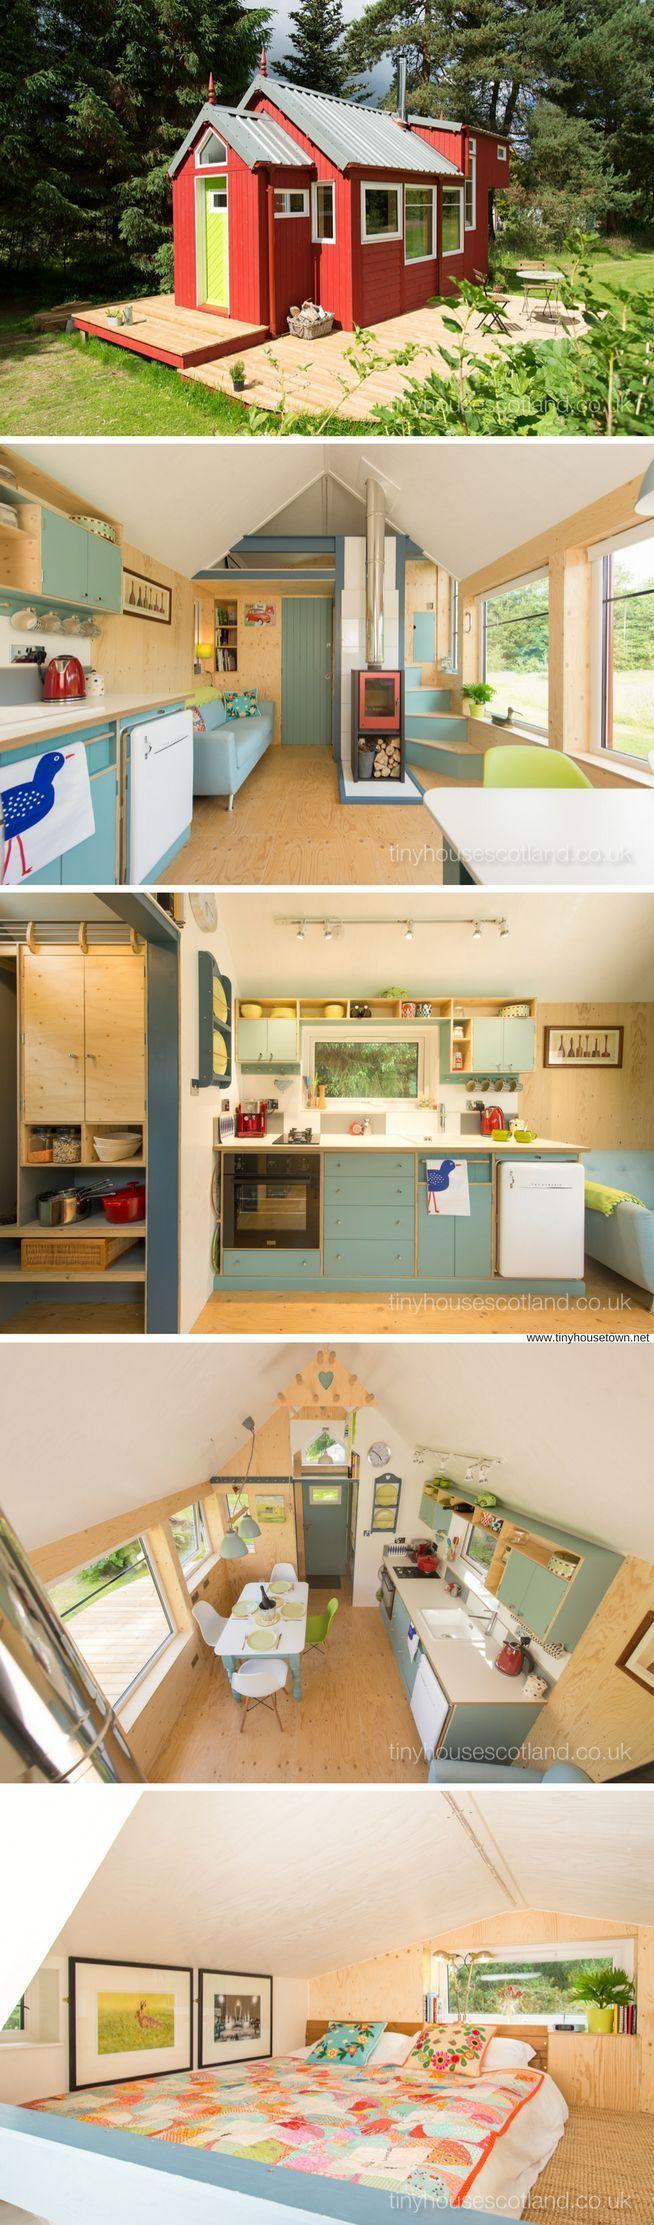 Home | kleines Häuschen, Haus ideen und Stadt